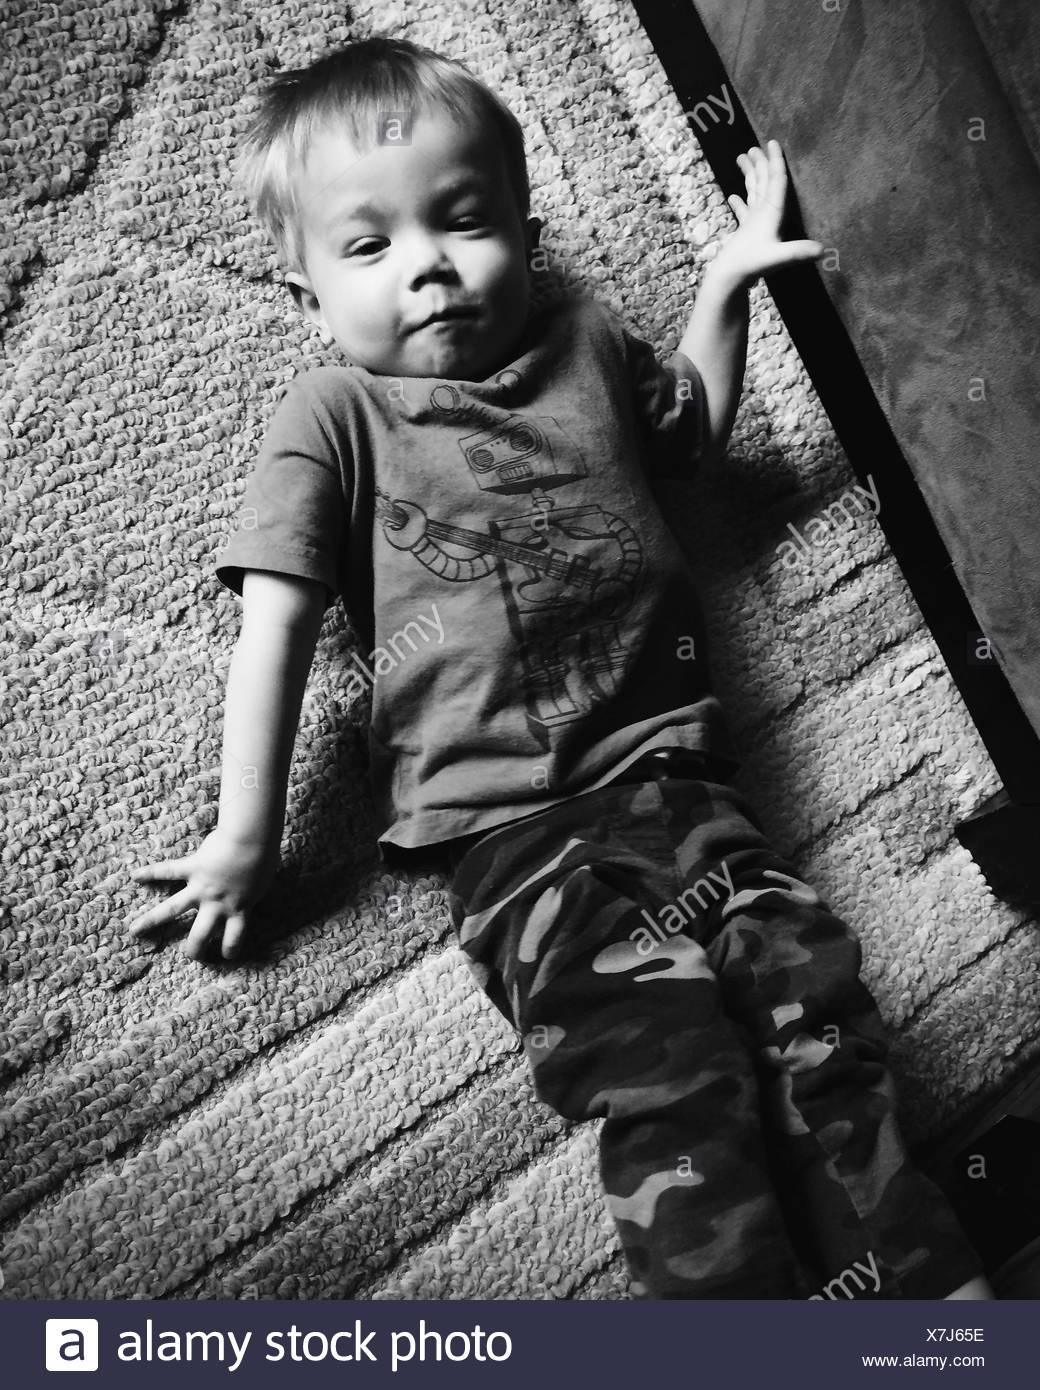 Niño acostado sobre una alfombra Imagen De Stock